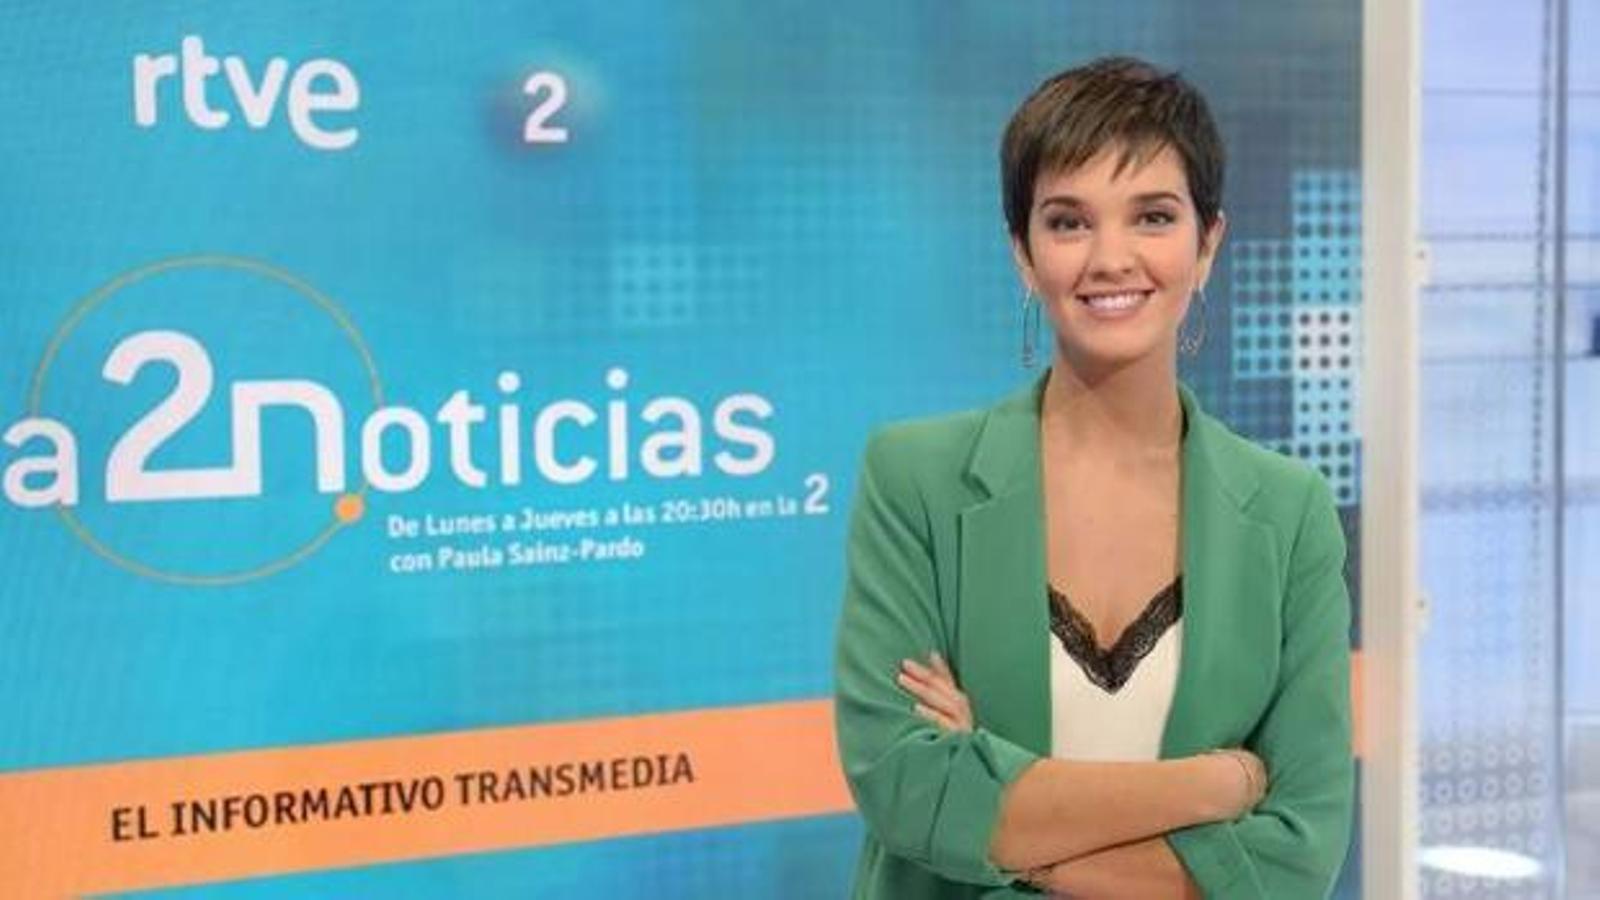 Paula Sainz-Pardo, presentadora de l'informatiu